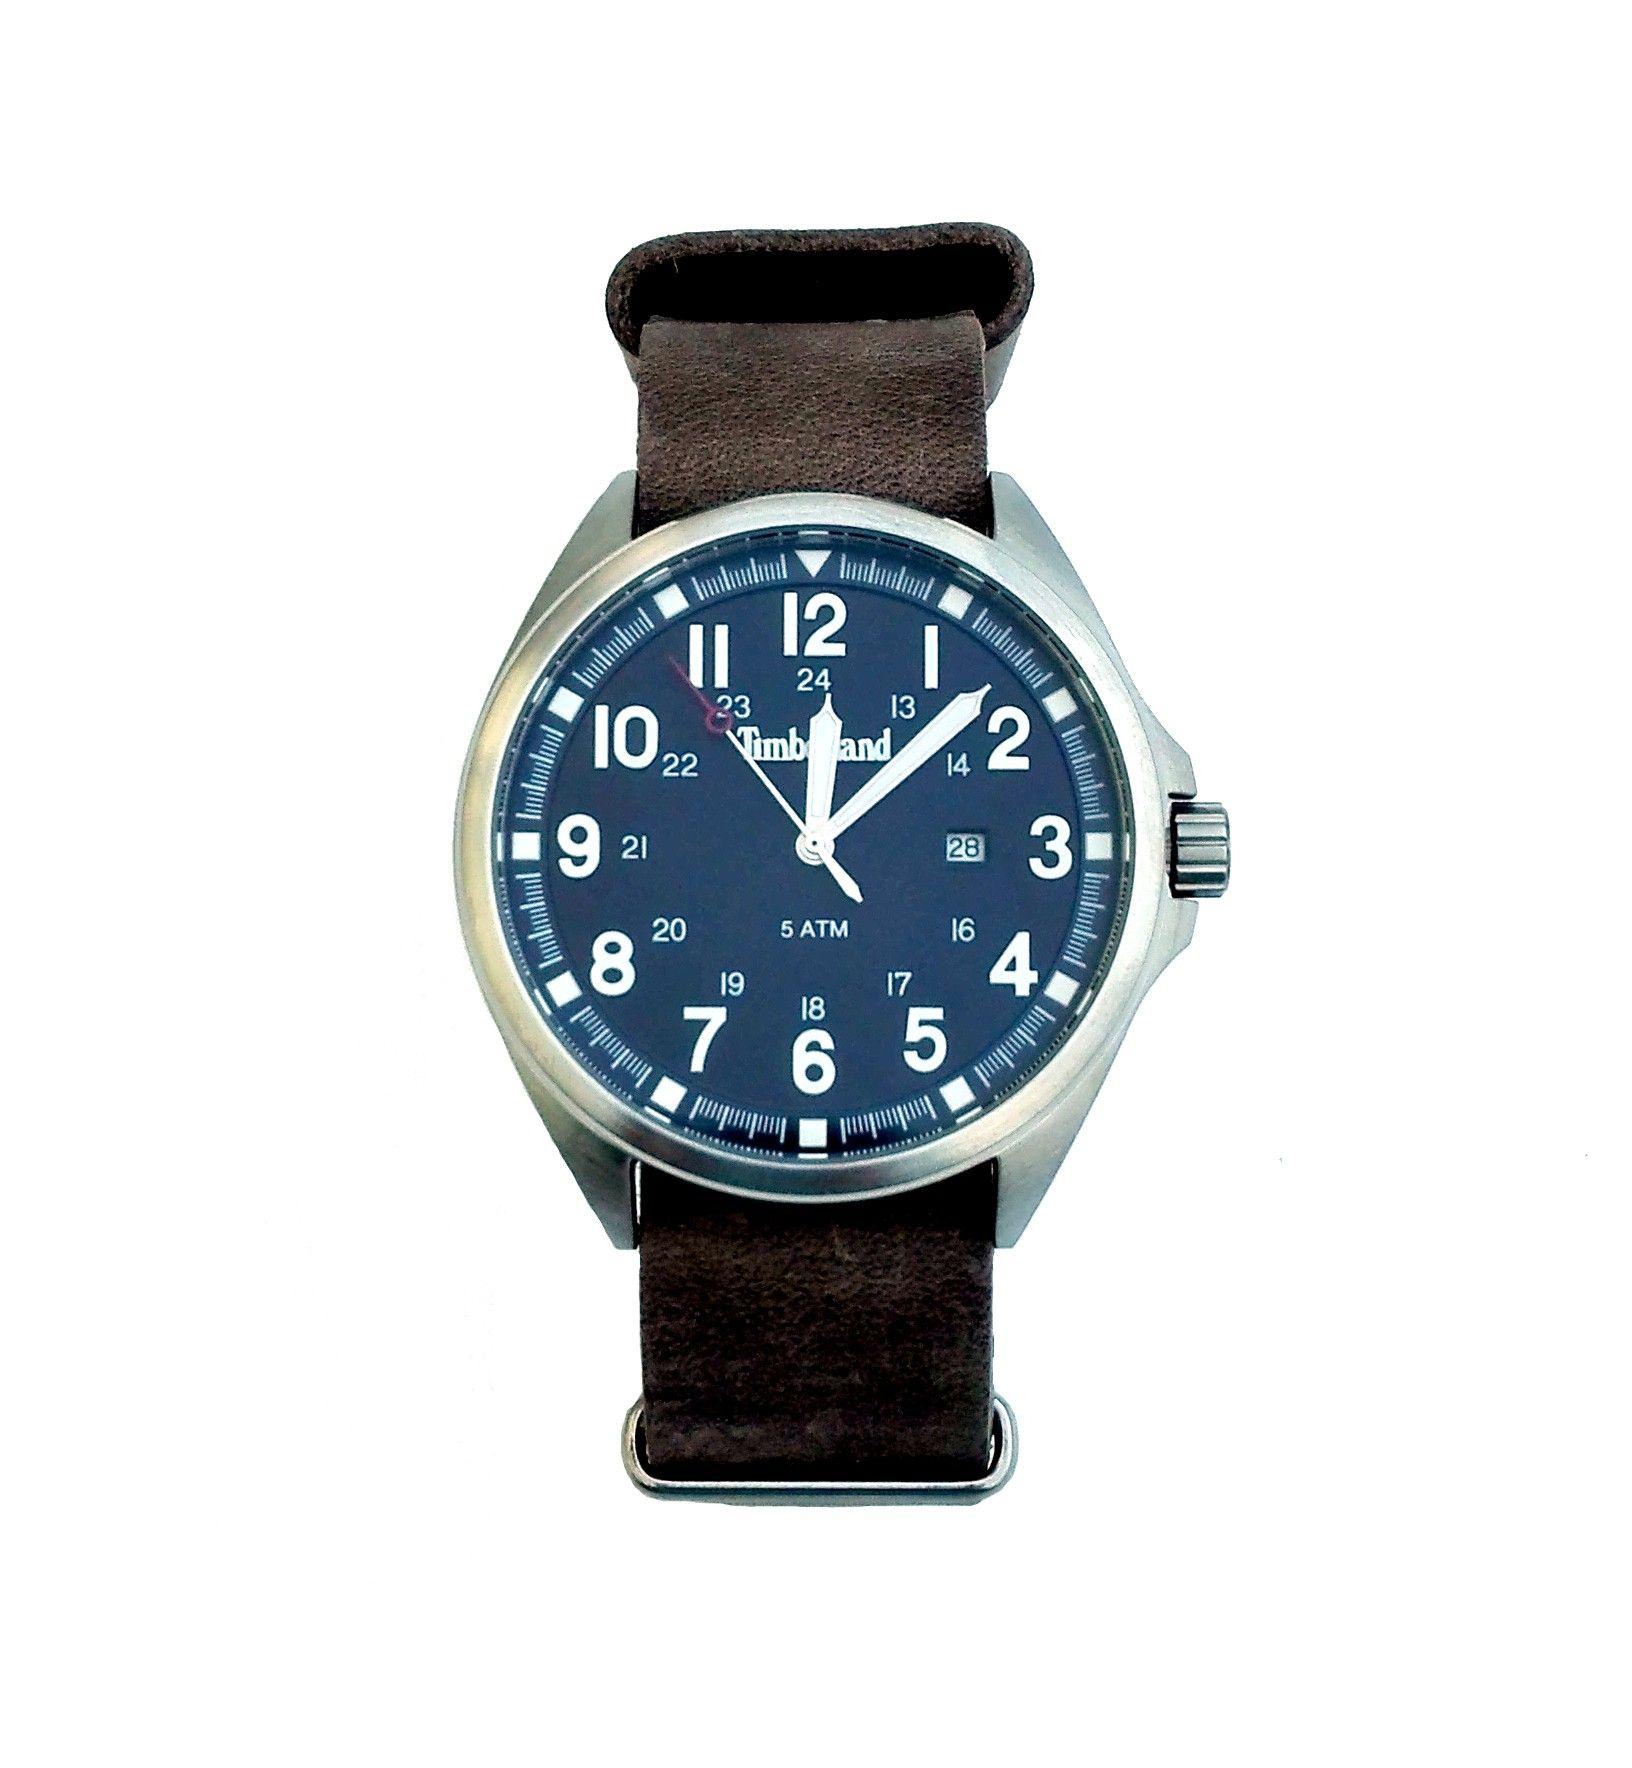 a5134a79cf5 Relógio Timberland Raynham - TBL14829JS02AS